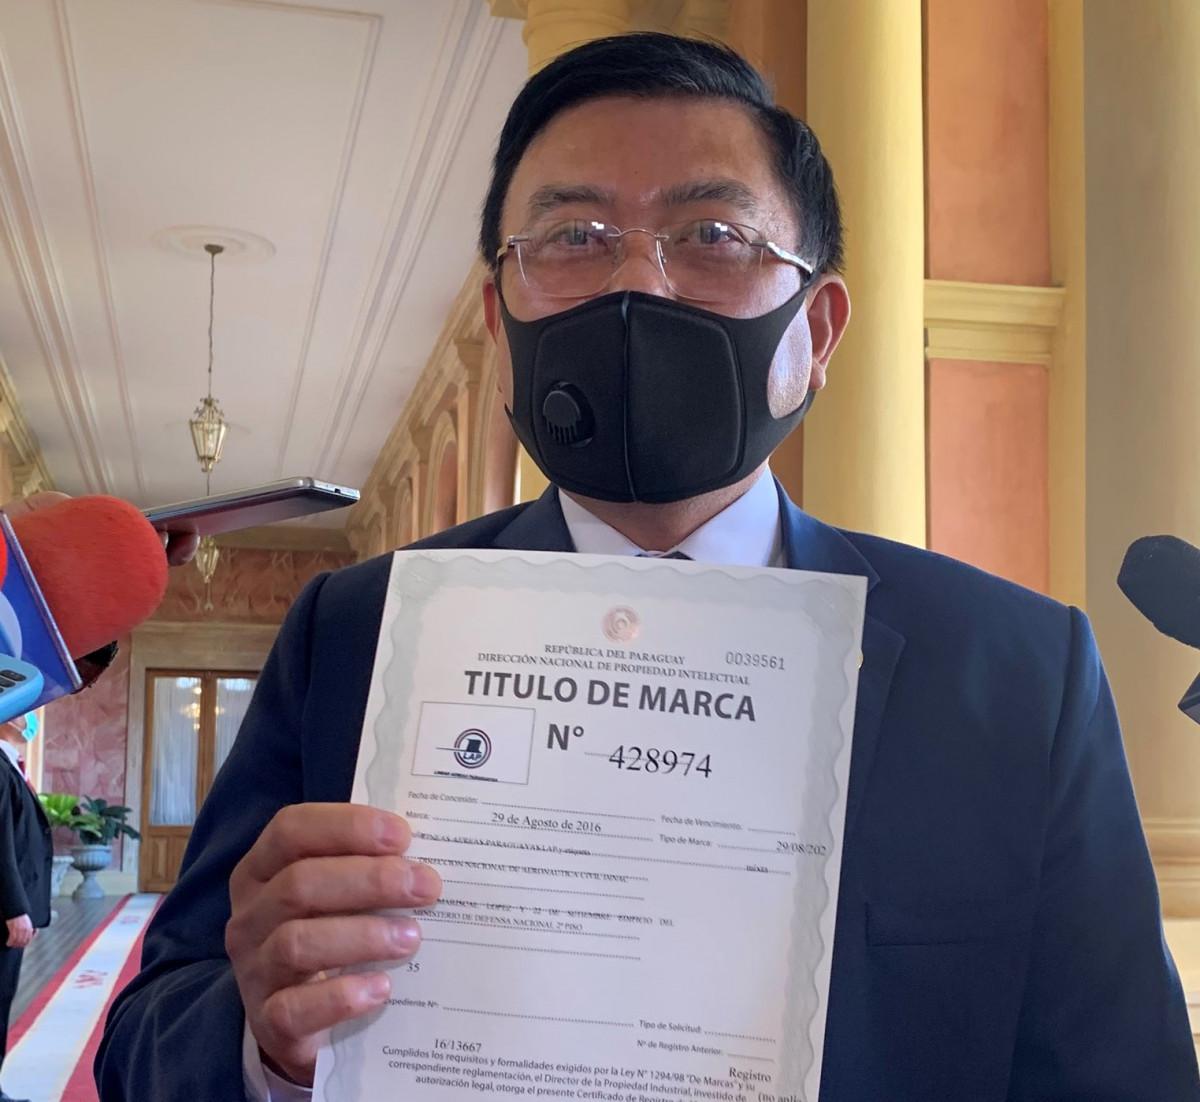 El titular de la DINA muestra el Titulo de Marca de LAP, propiedad del Estado paraguayo.